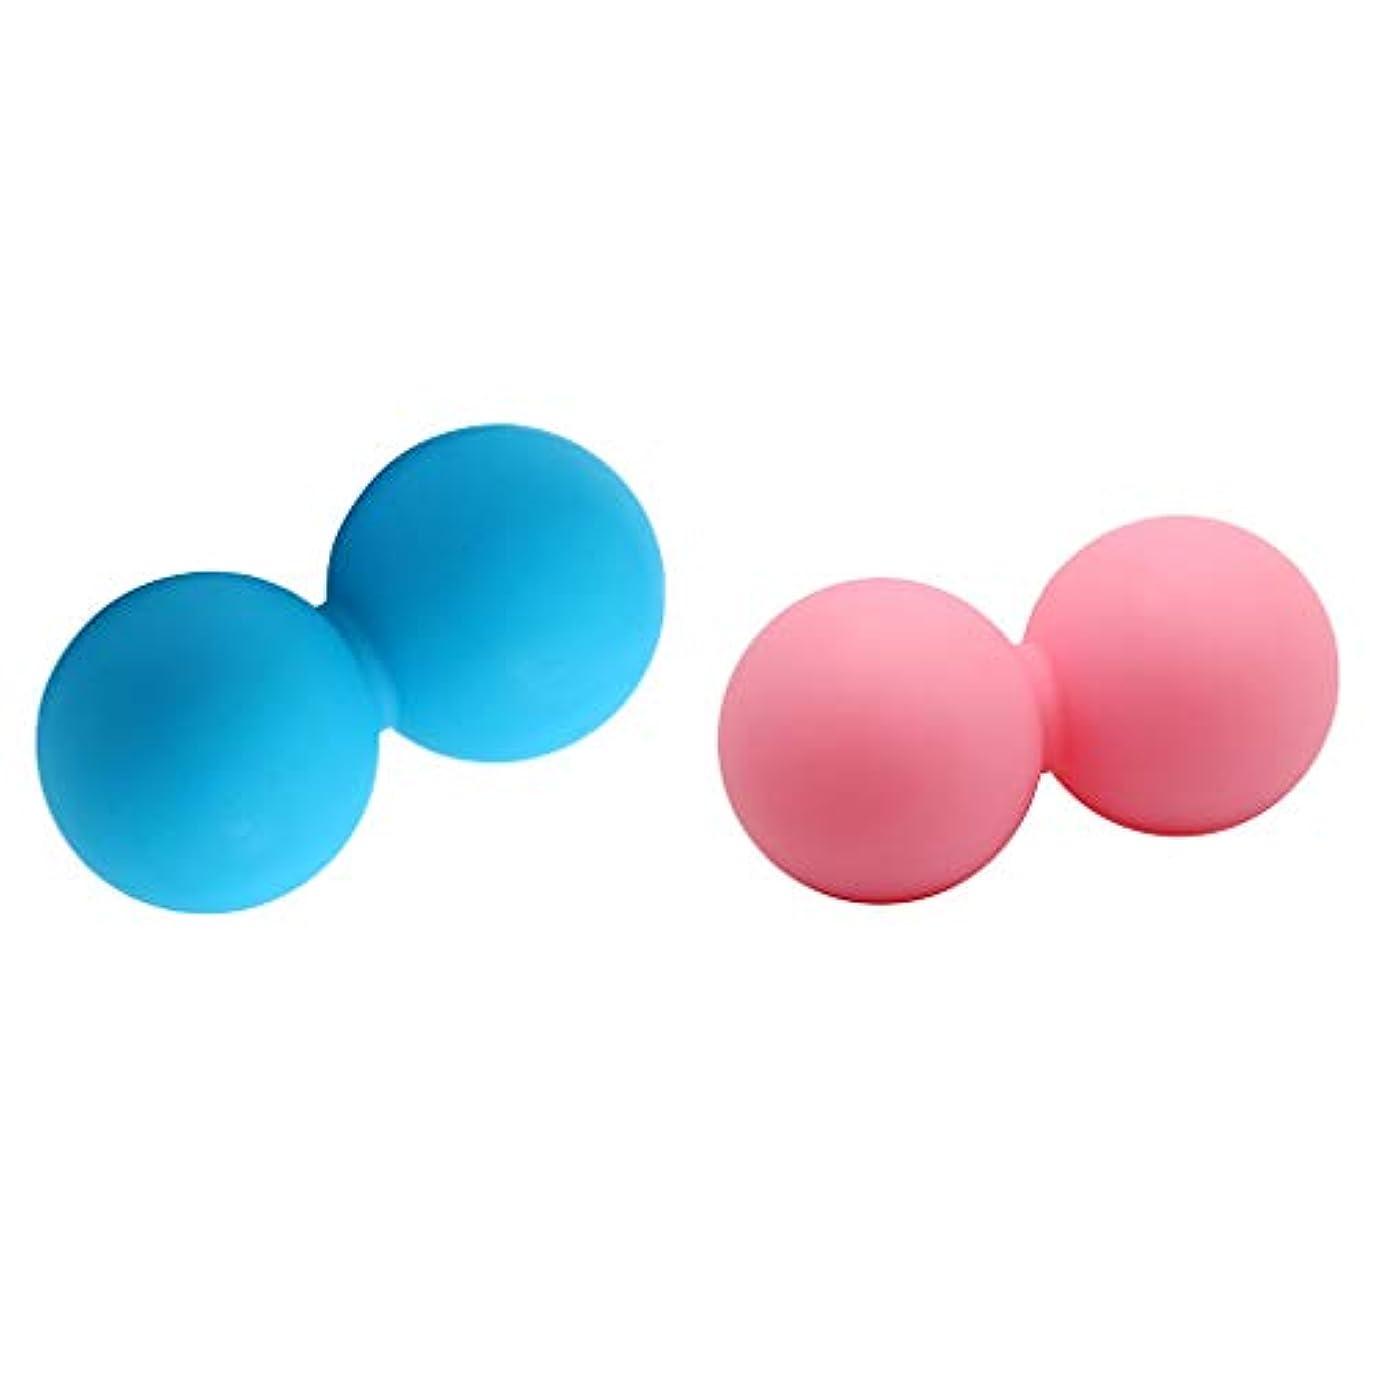 納得させる第ランドマーク2個 マッサージボール ピーナッツ ダブルラクロスマッサージボール 筋膜リリース 家庭、オフィス旅行